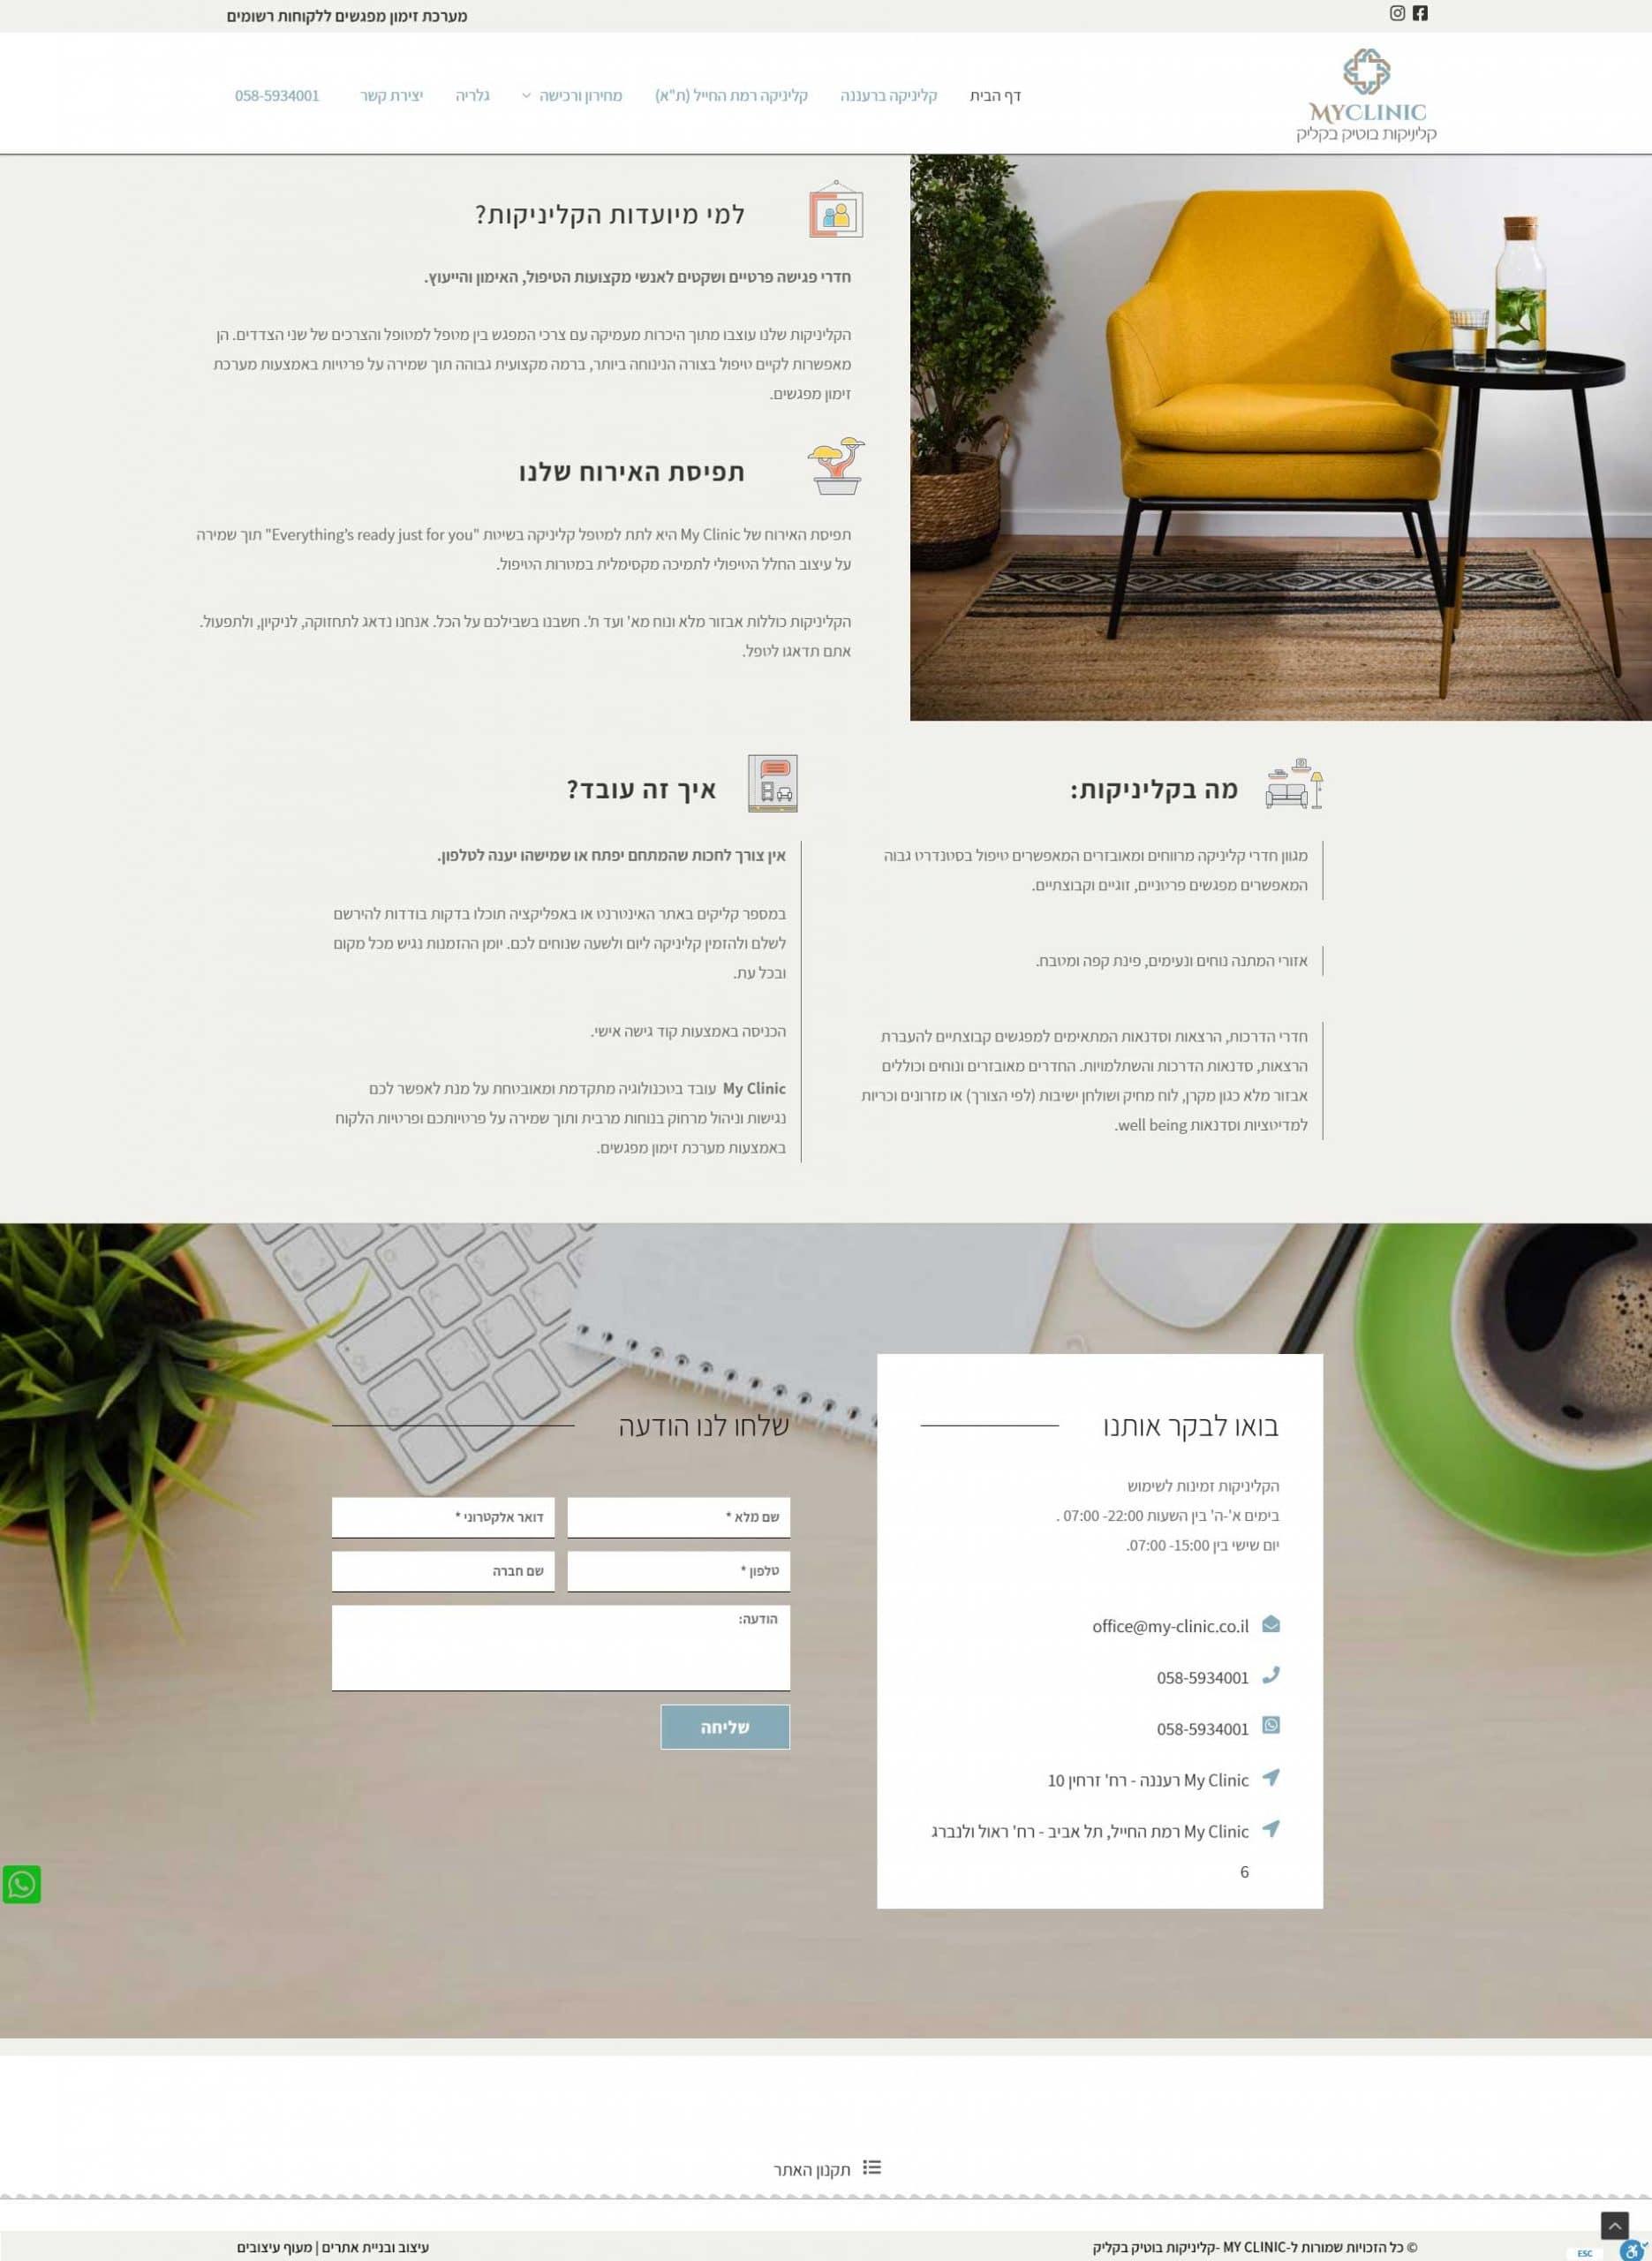 מעוף עיצובים - עיצוב ובניית אתר קליניקות להשכרה